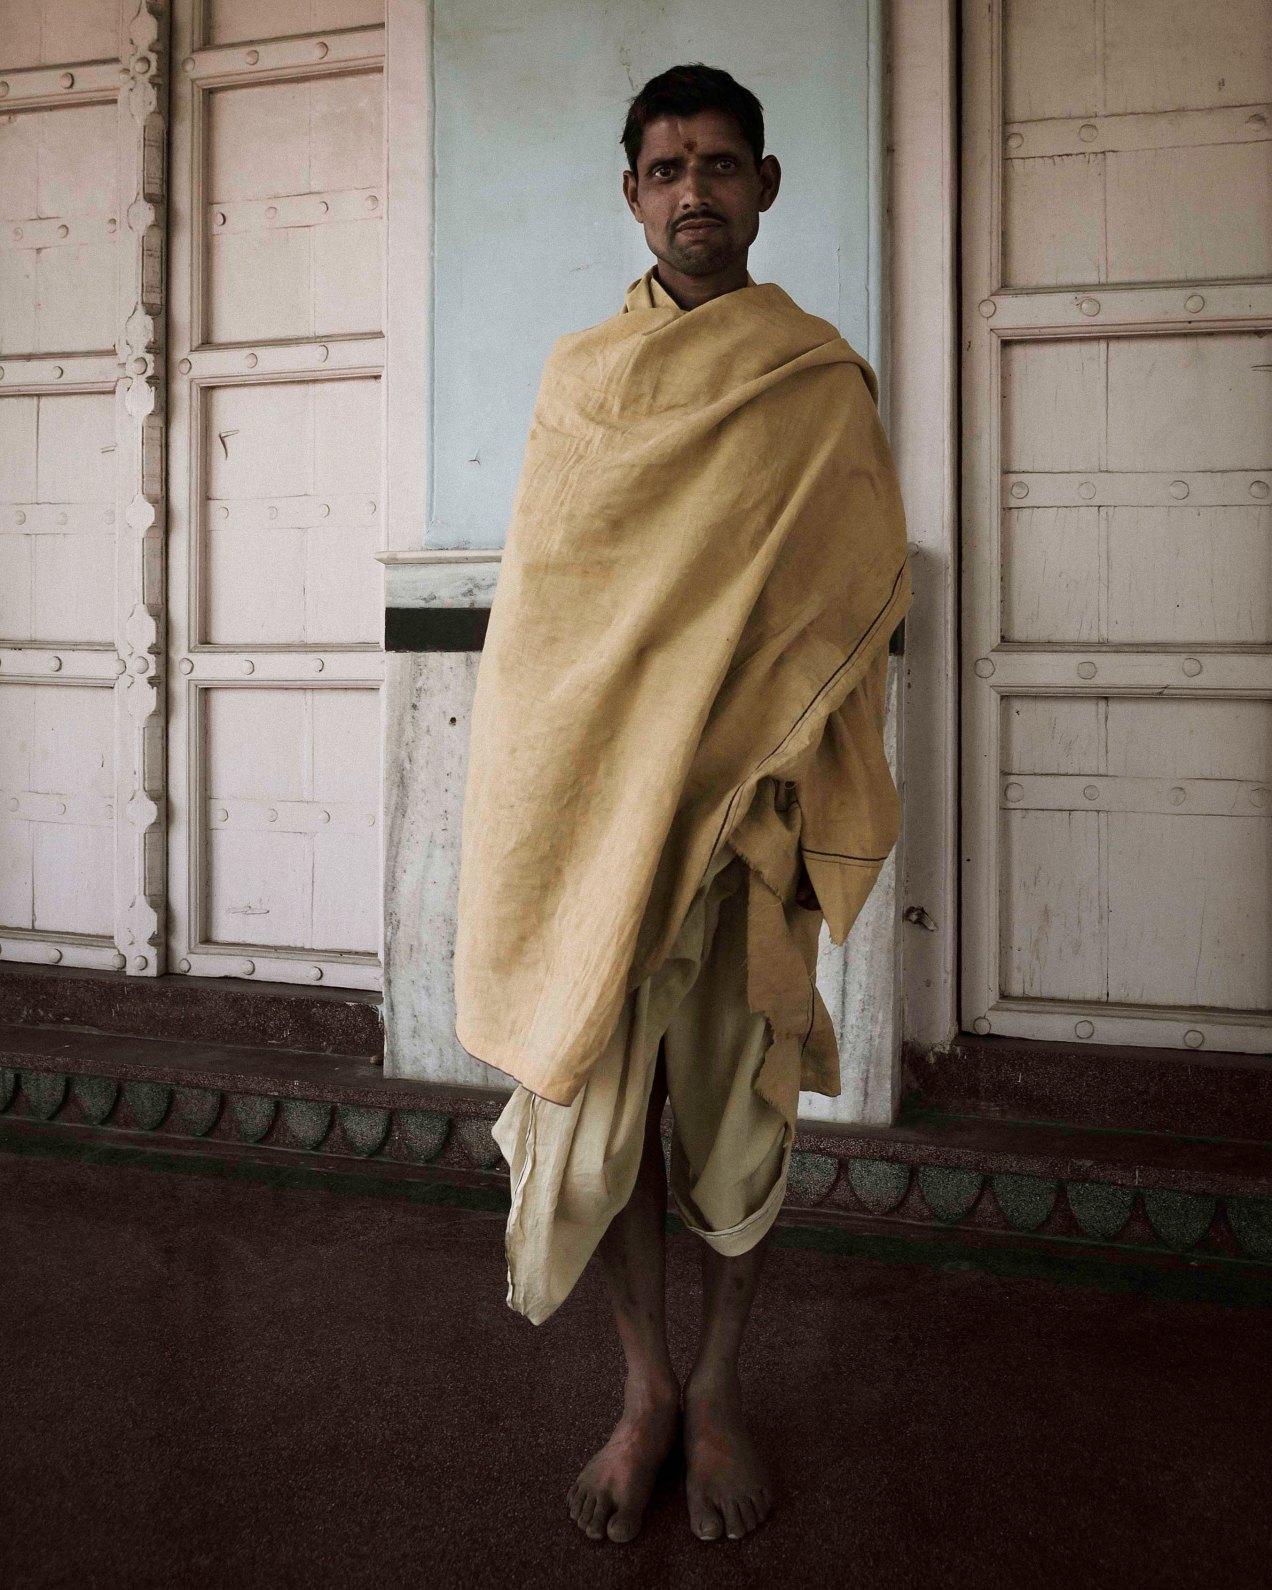 Bouddhisme, Inde, gildalliere, 2008